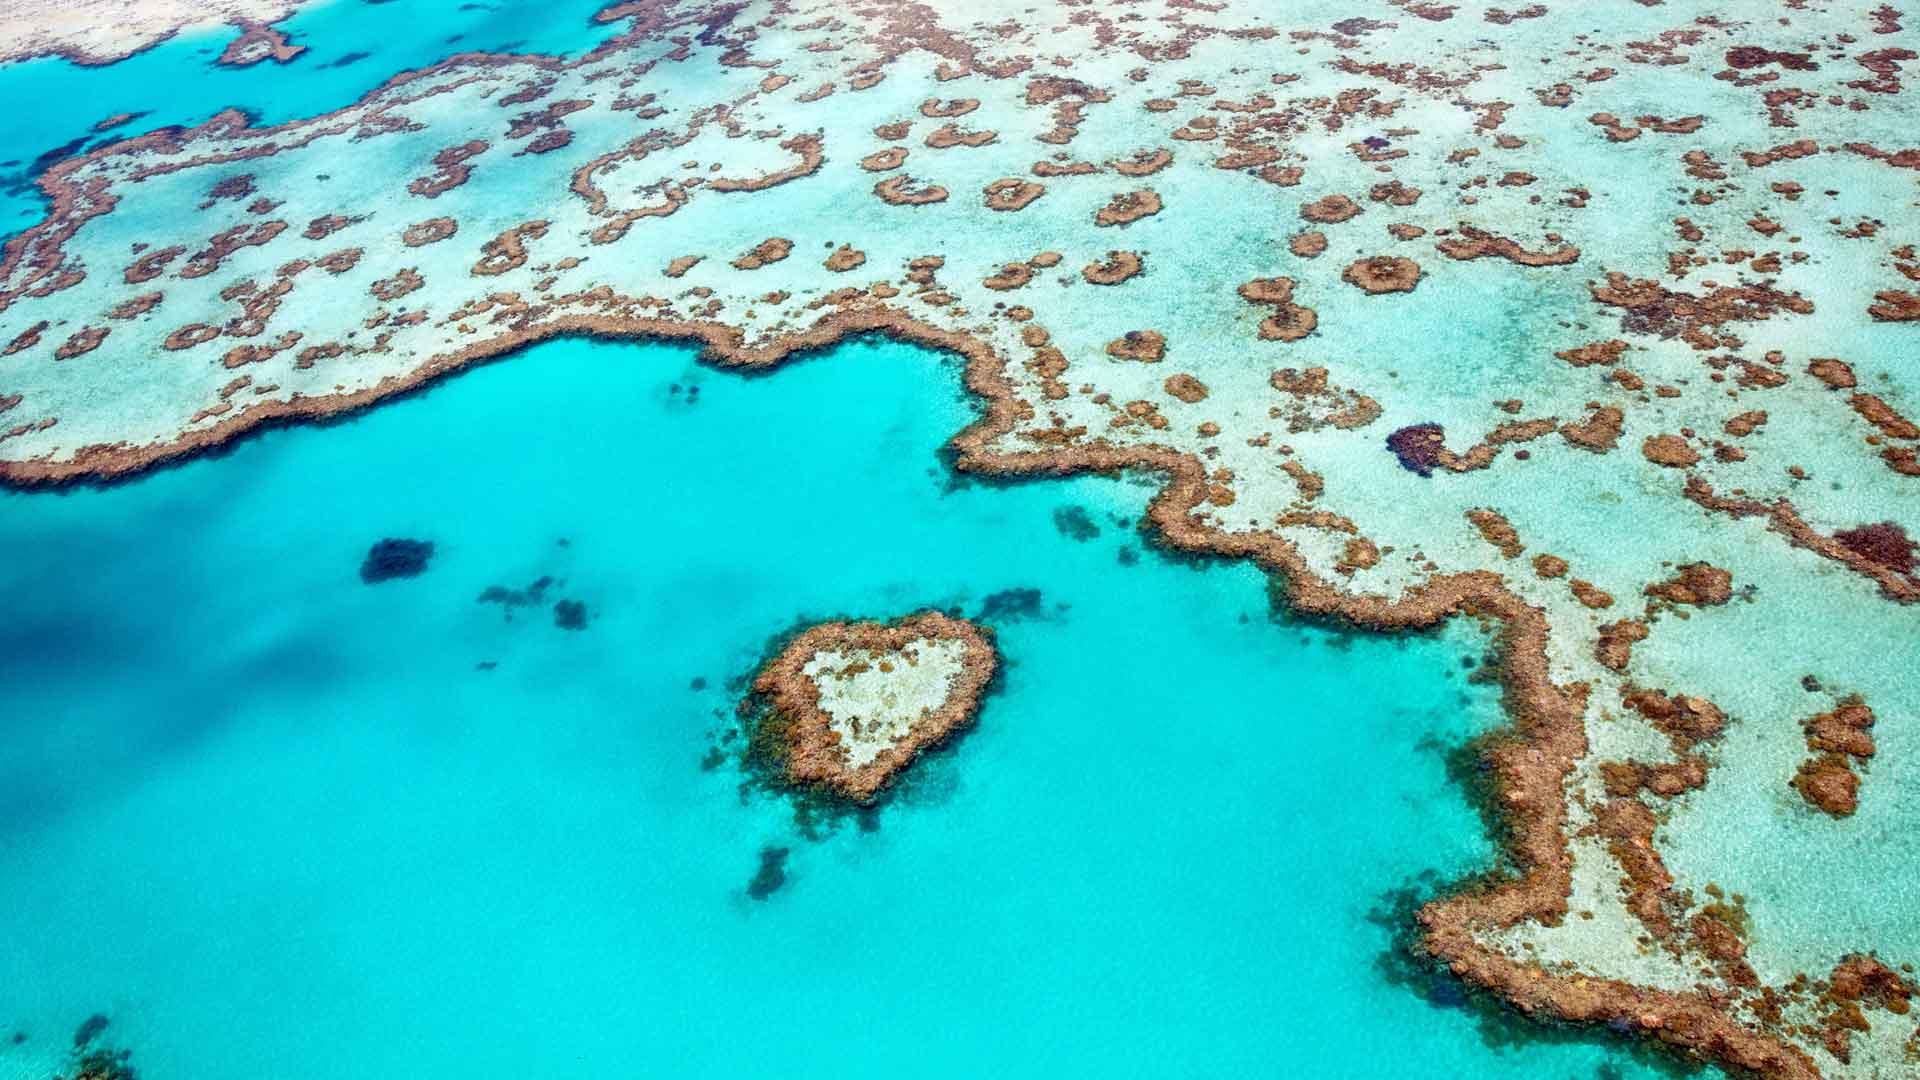 Belleza marina: arrecifes de coral en el mundo